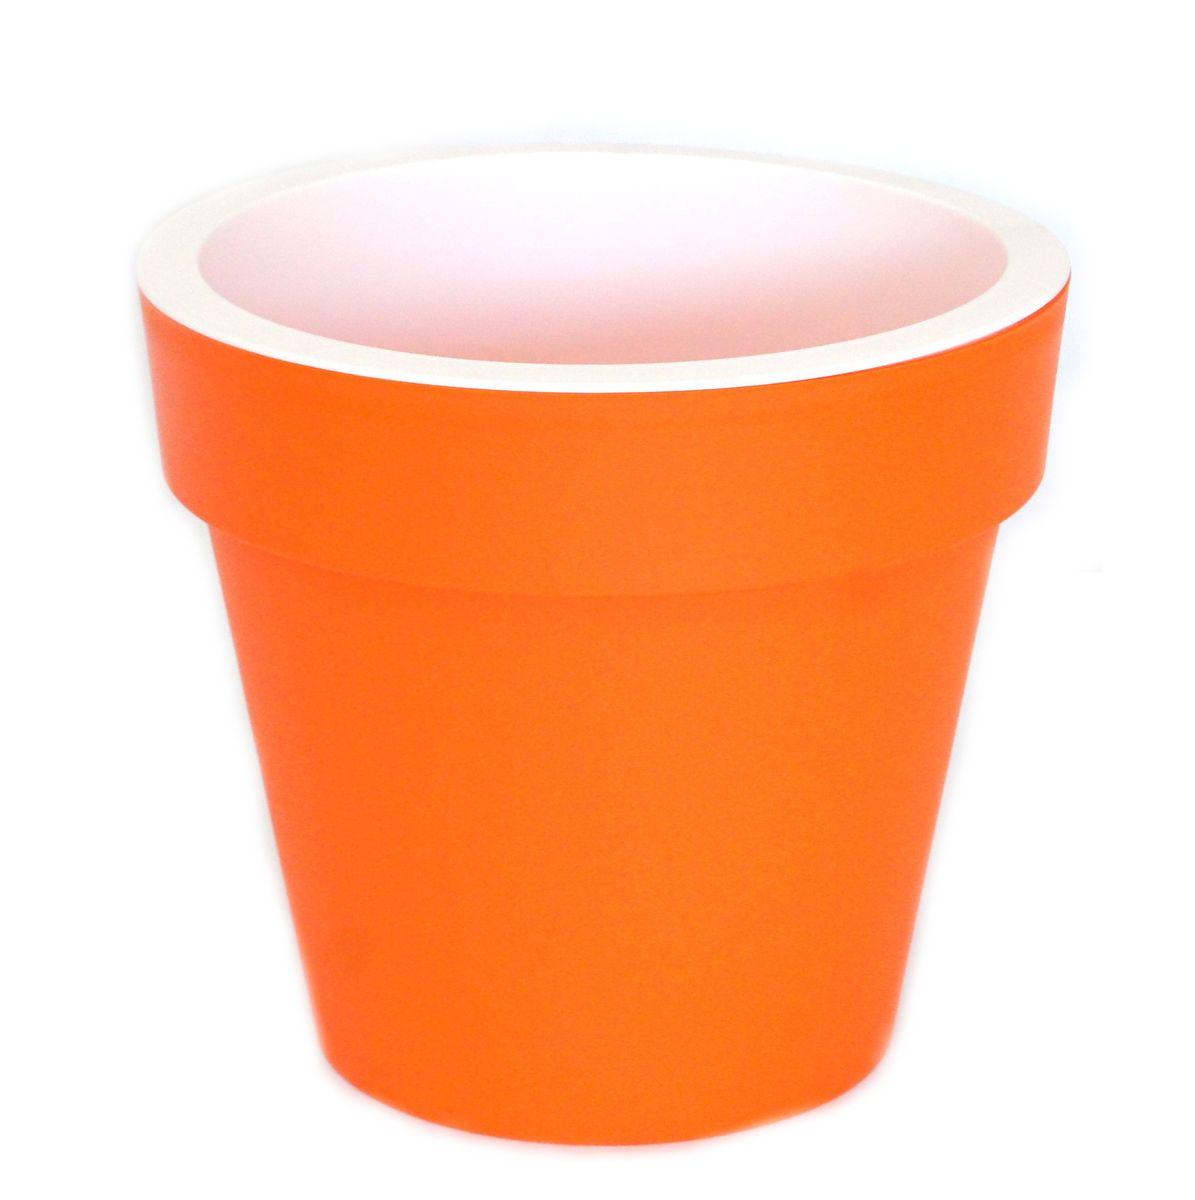 Кашпо JetPlast Порто, со вставкой, цвет: оранжевый, 3,5 л4612754052752Кашпо Порто классической формы с внутренней вставкой-горшком. Дренажная вставка позволяет легко поливать растения без использования дополнительного поддона. Вместительный объем кашпо позволяет высаживать самые разнообразные растения, а съемная вставка избавит вас от грязи и подчеркнет красоту цветка. Оно изготовлено из прочного полипропилена (пластика). Такое кашпо порадует вас функциональностью, а благодаря лаконичному дизайну впишется в любой интерьер помещения. Объем кашпо: 3,5 л.